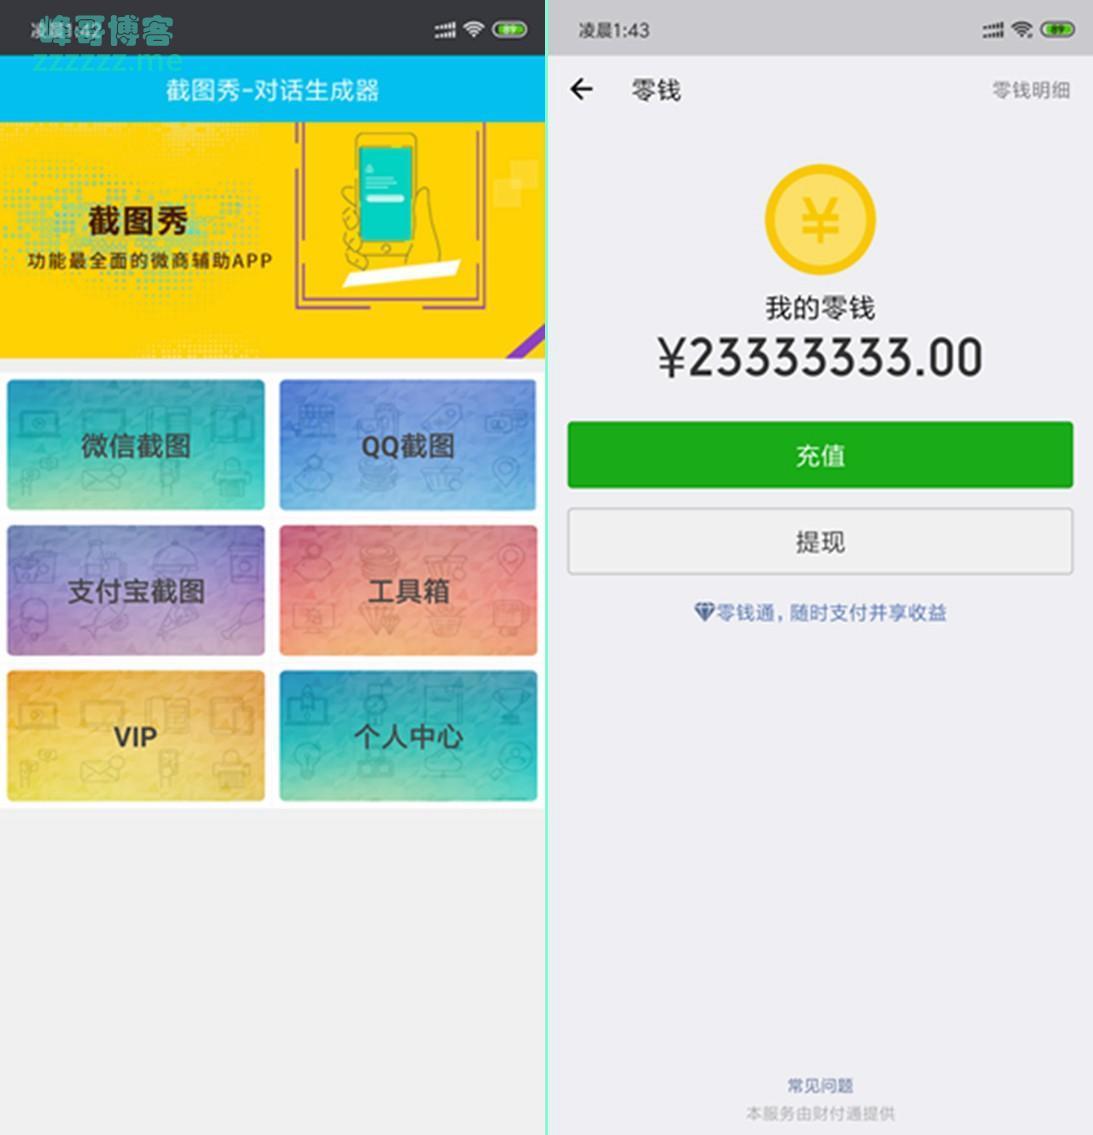 安卓截图秀V2.0 VIP会员直装破解版 微信QQ红包零钱截图装逼神器